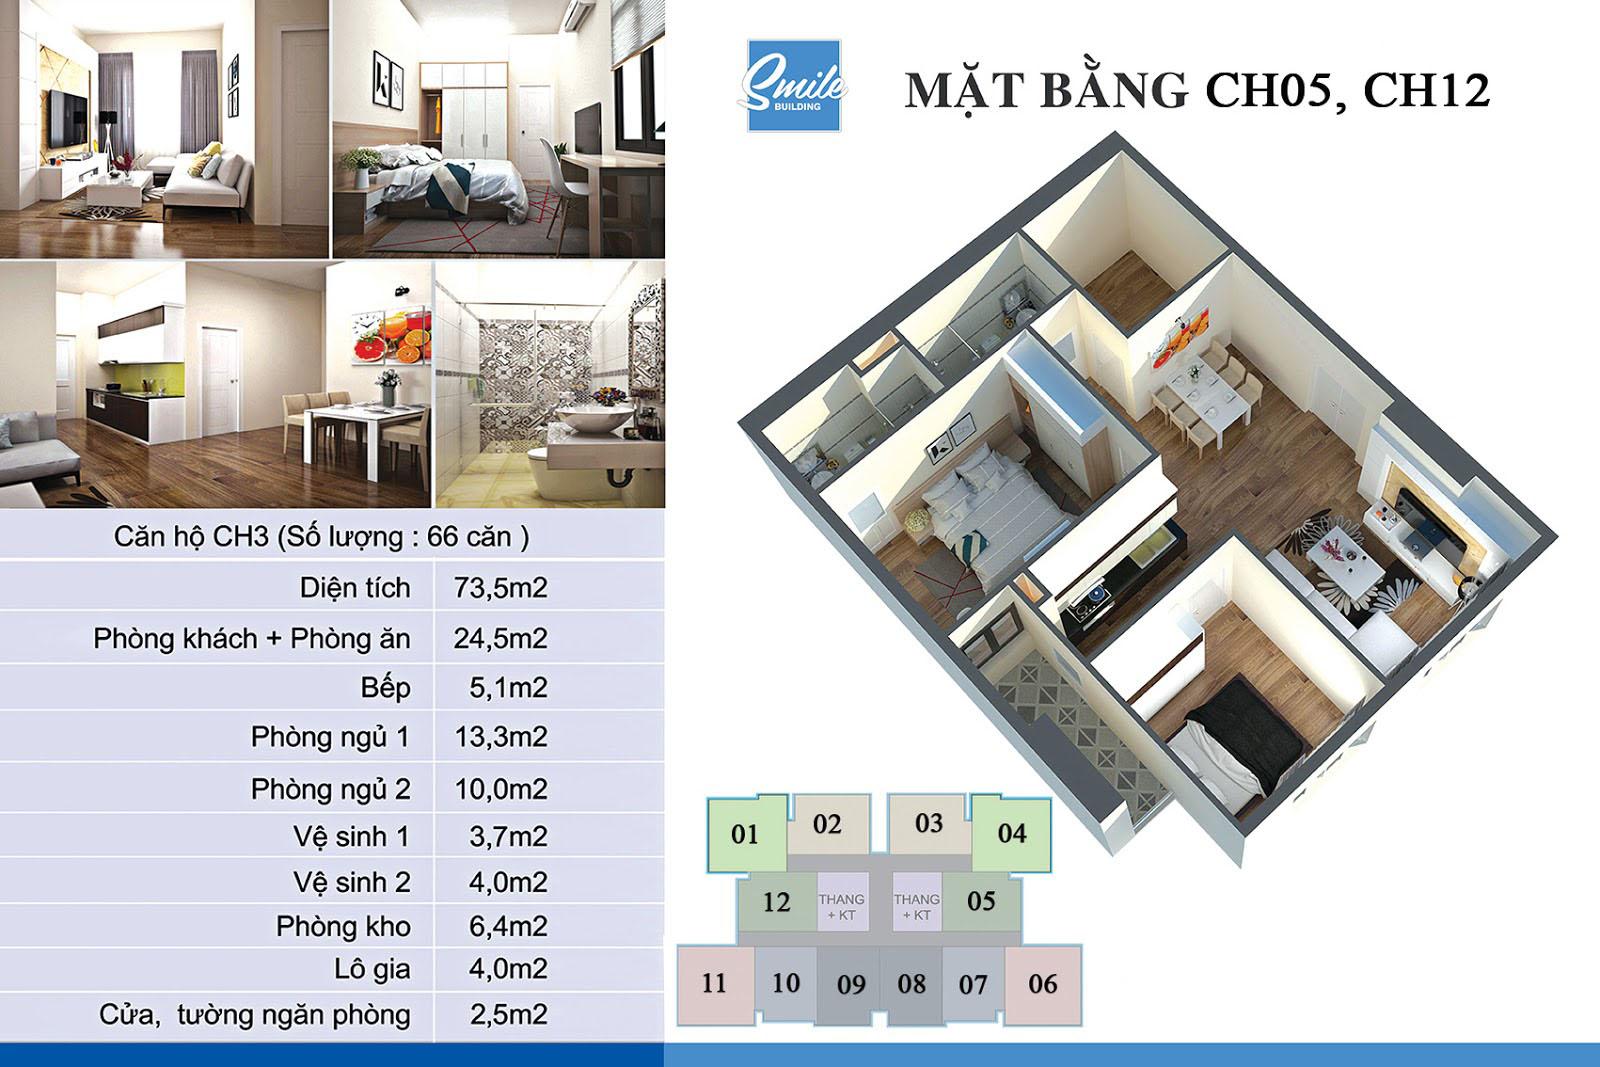 Mặt bằng căn hộ CH5 dự án Trung Yên